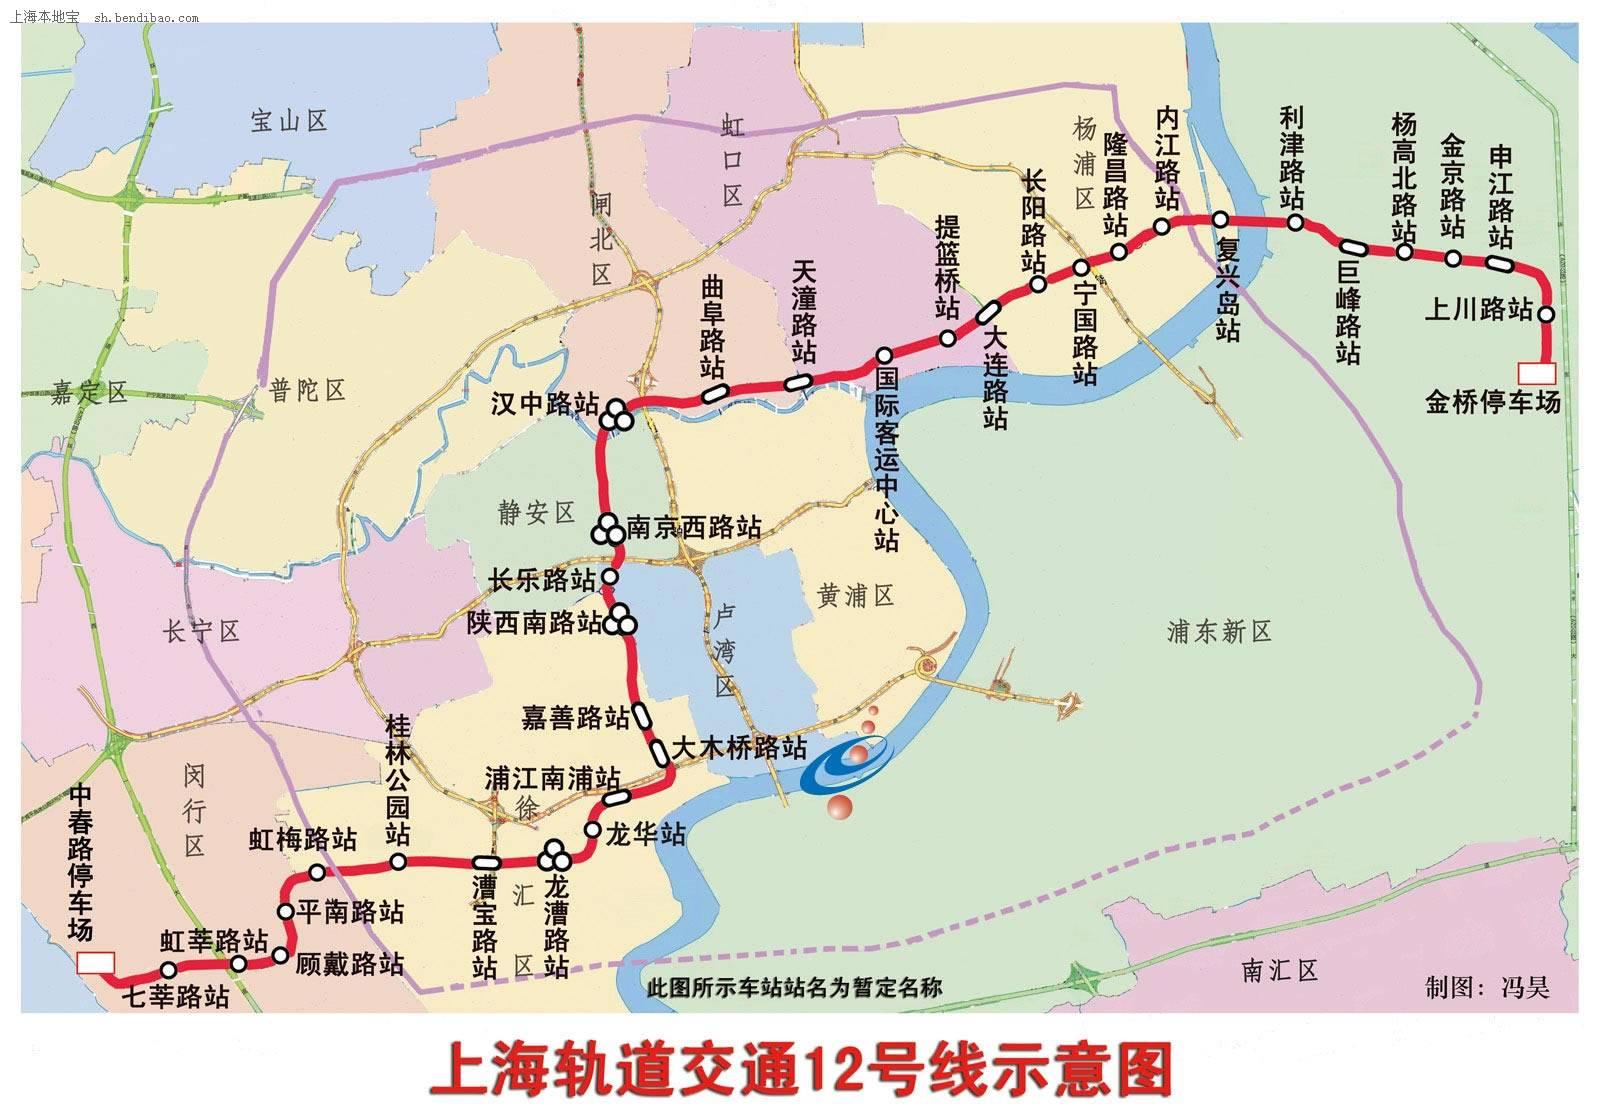 上海地铁12号线线路图图片